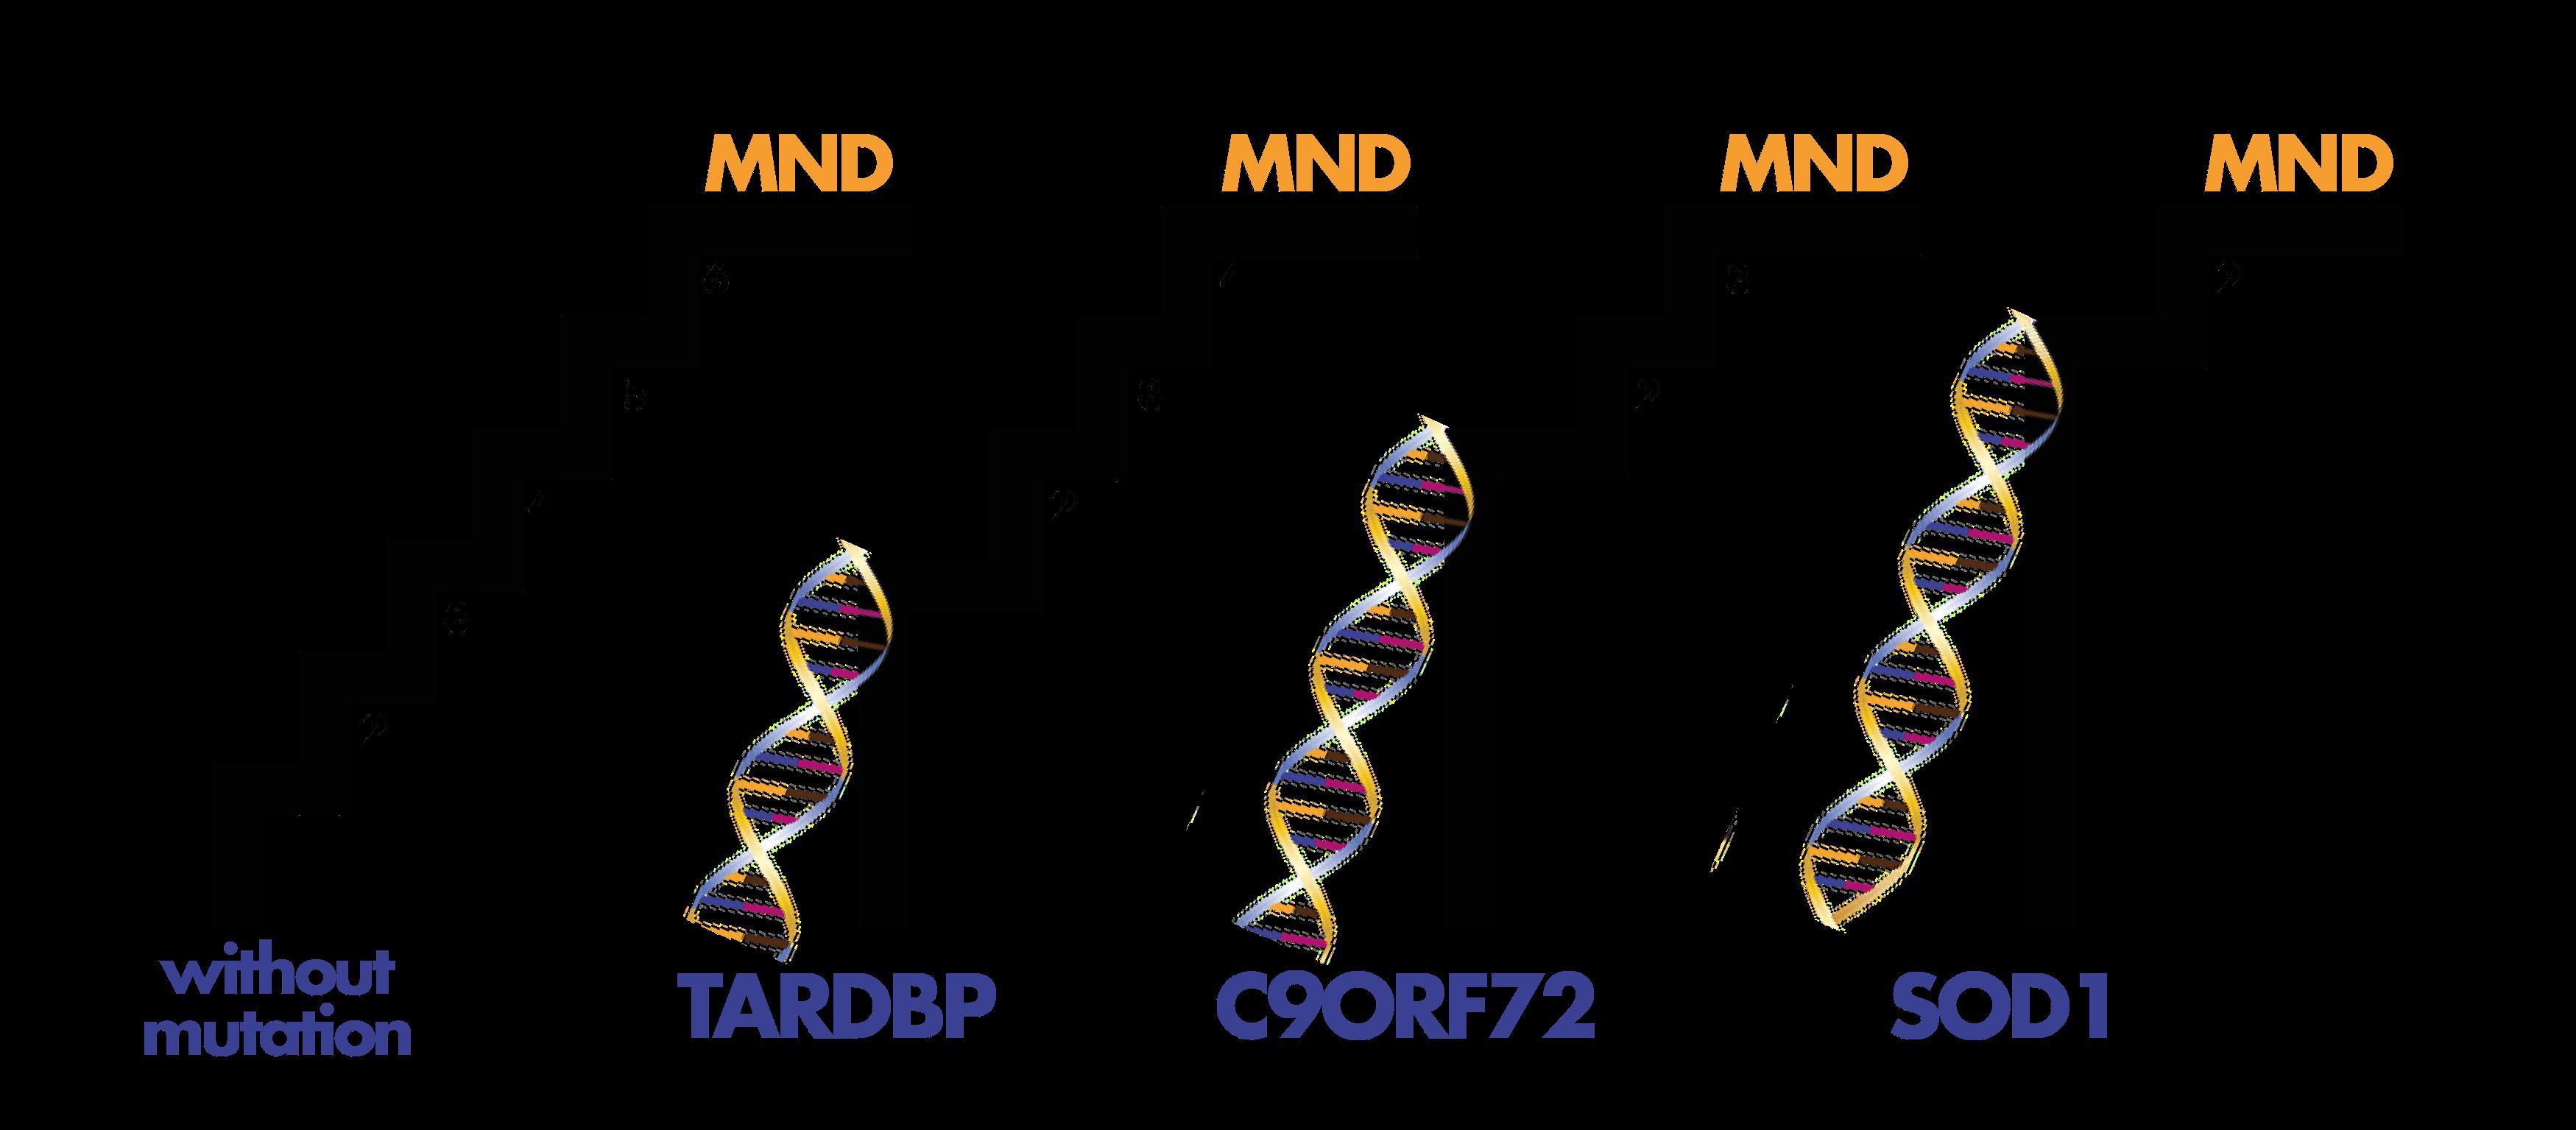 Steps to understanding MND